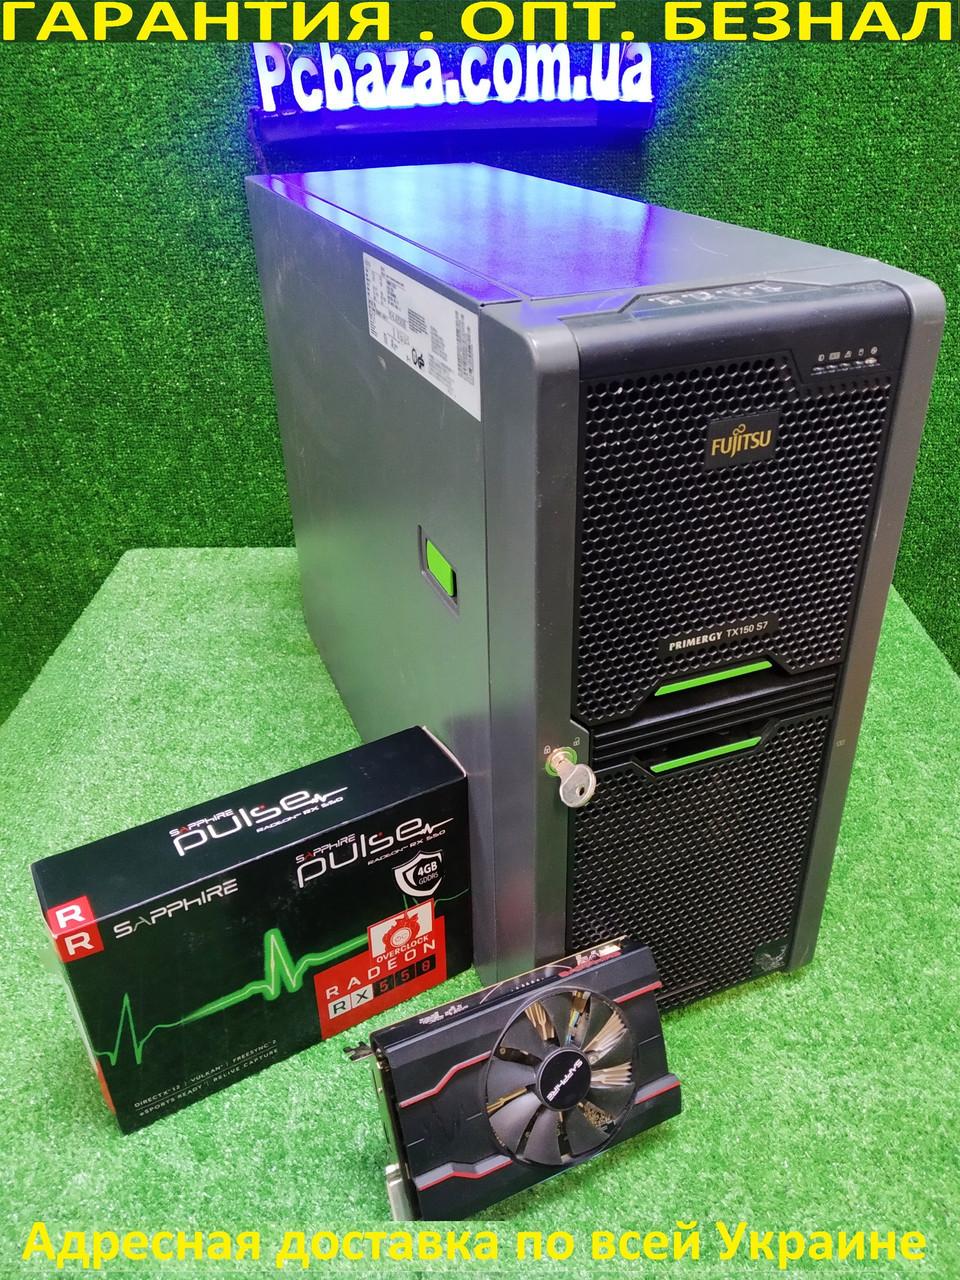 Игровой Fujitsu, 4(8) ядра Xeon X3470 3.6 Ггц, 24 ГБ ОЗУ, 1000 ГБ HDD, RX 550 4gb DDR5